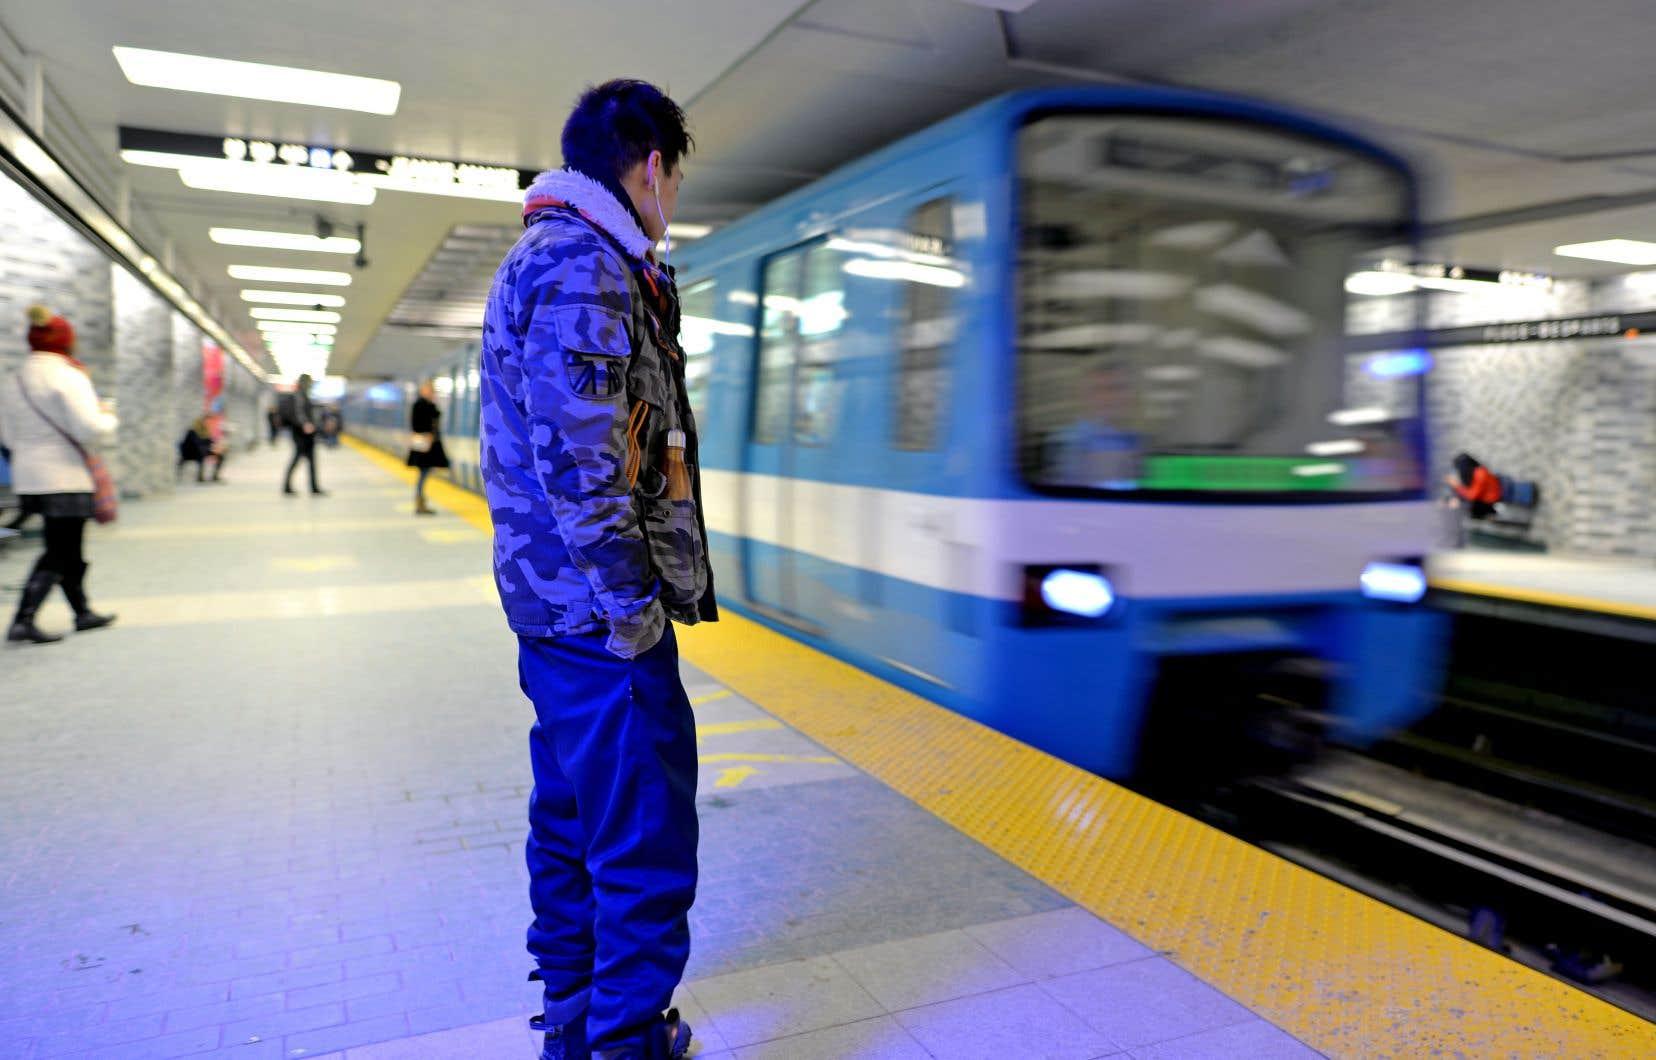 Les poèmes seront déclenchés par une borne située dans chacune des stations de métro.